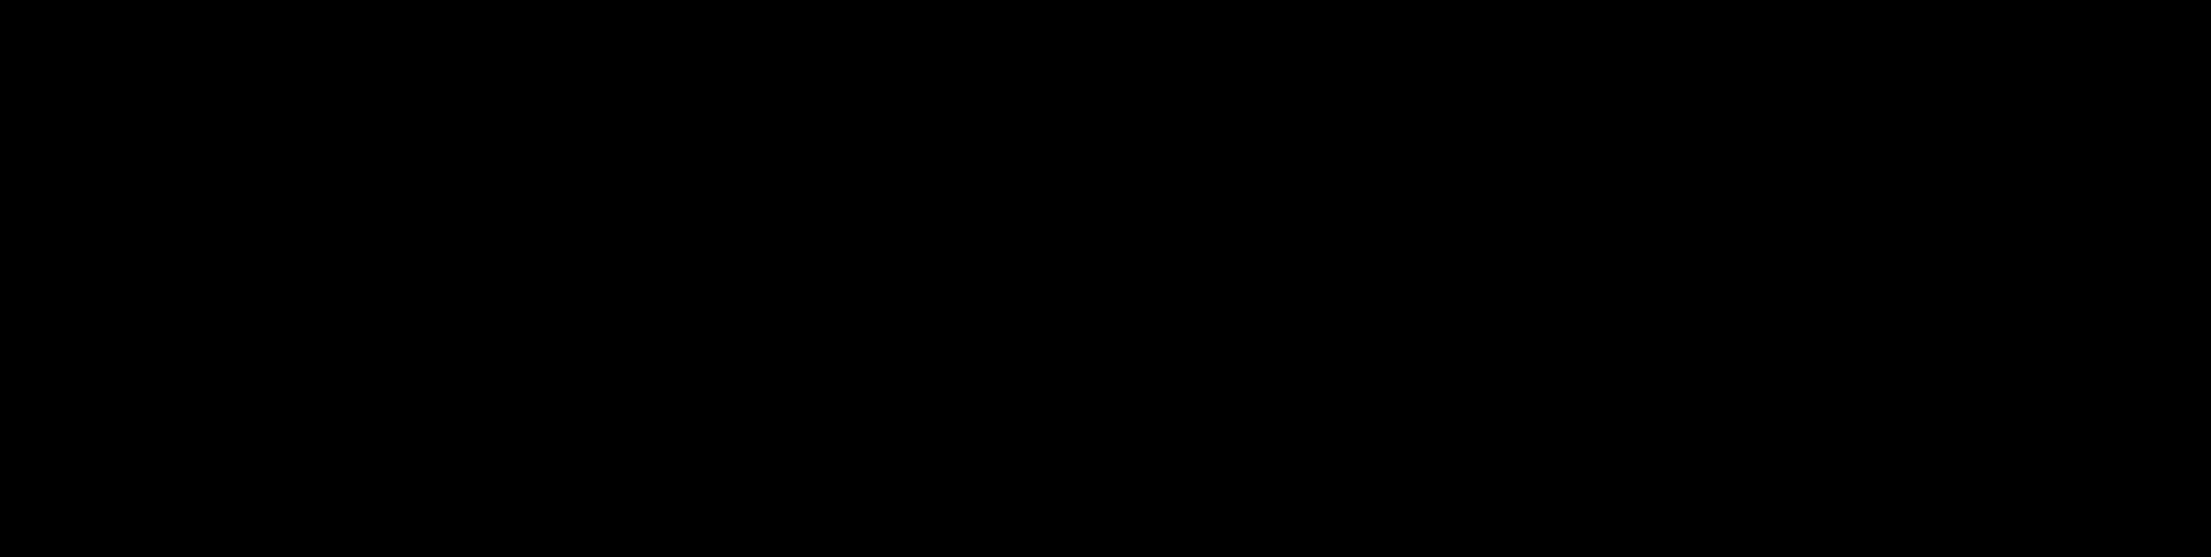 Clipart - Quadratic Formula